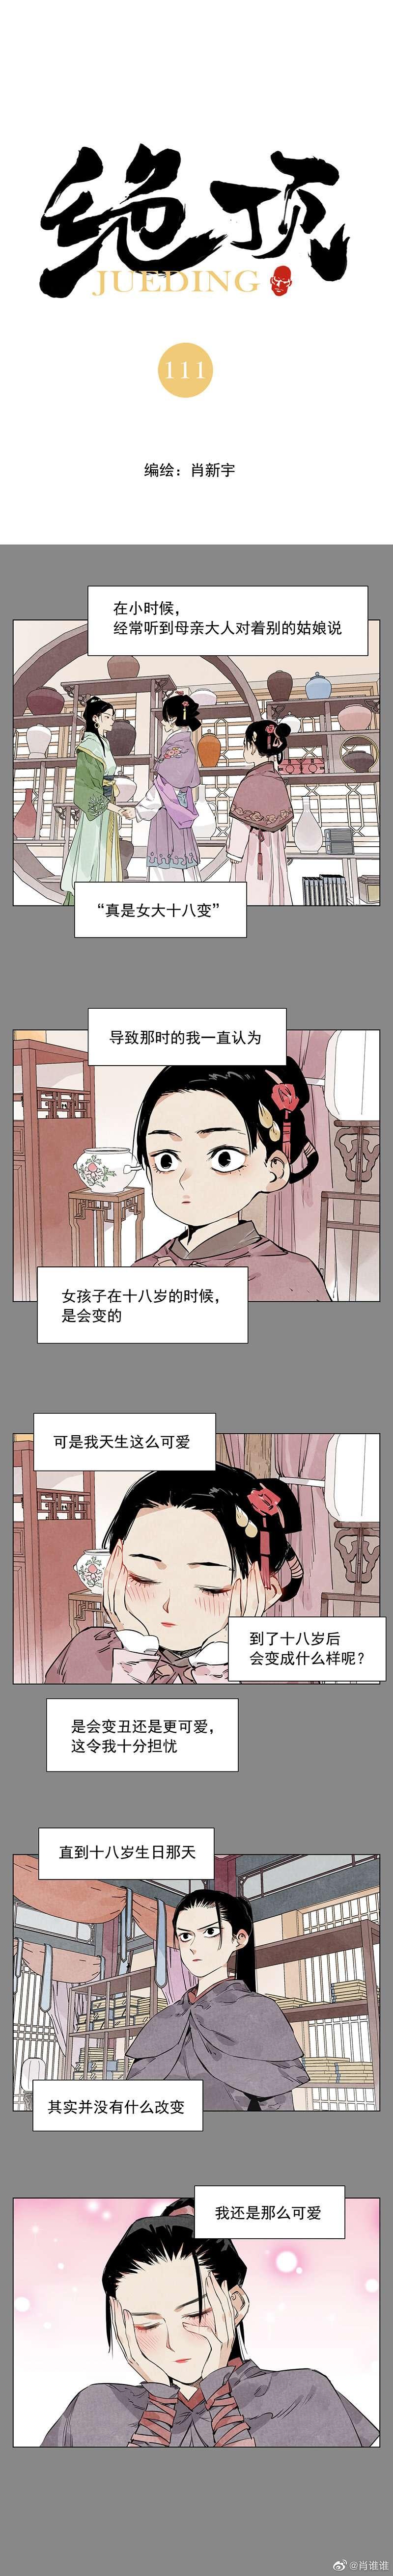 【漫画更新】绝顶111~112-小柚妹站